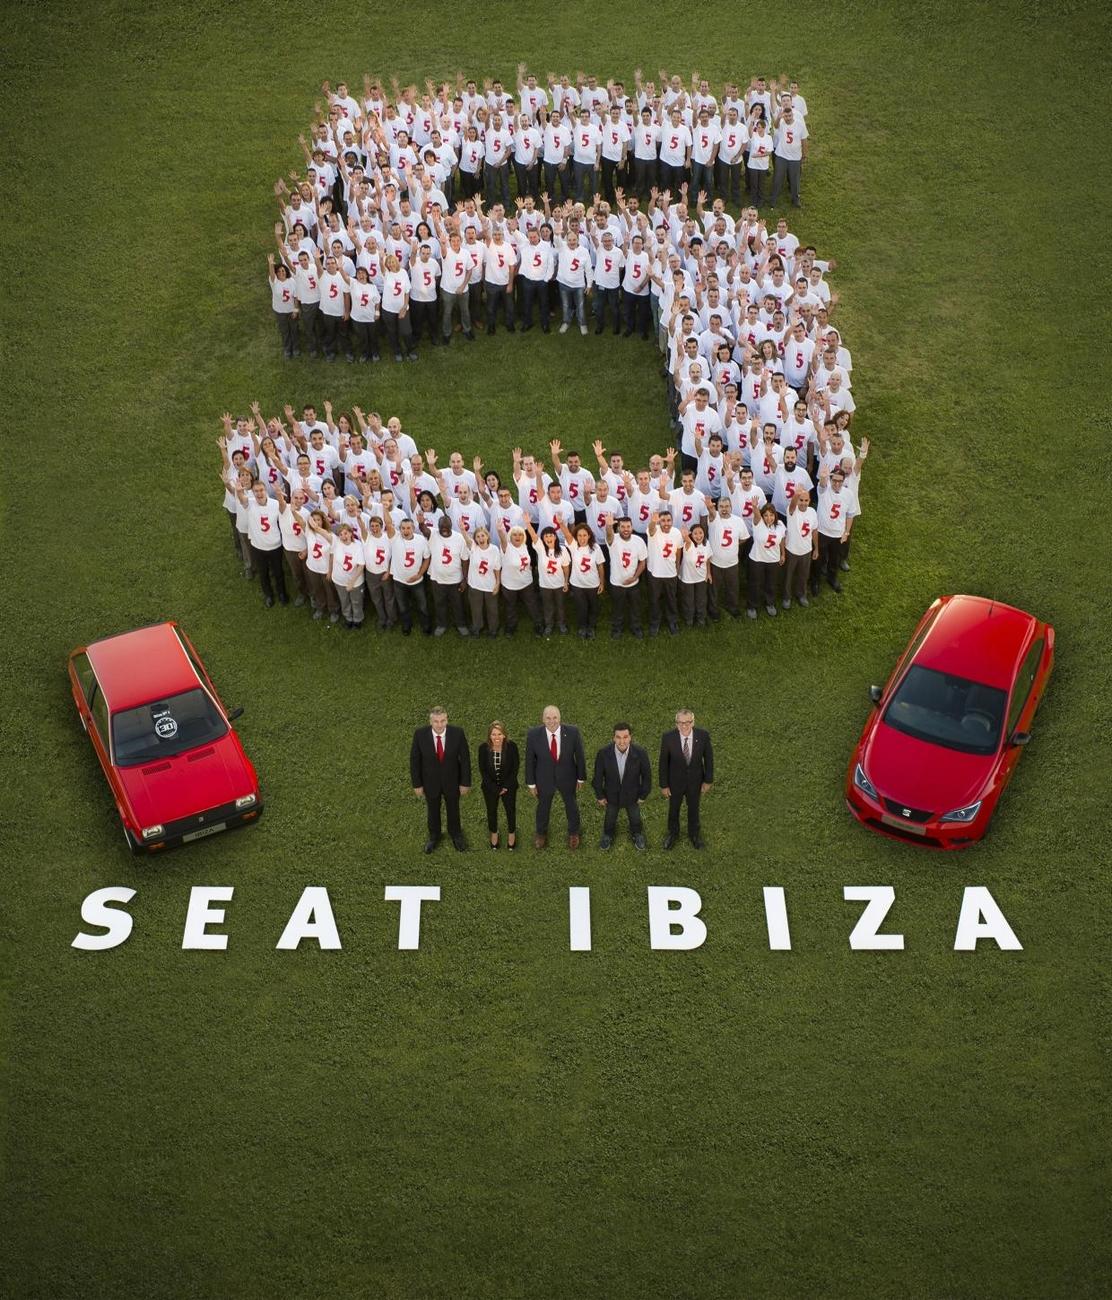 Seat - 5 millions d'Ibiza